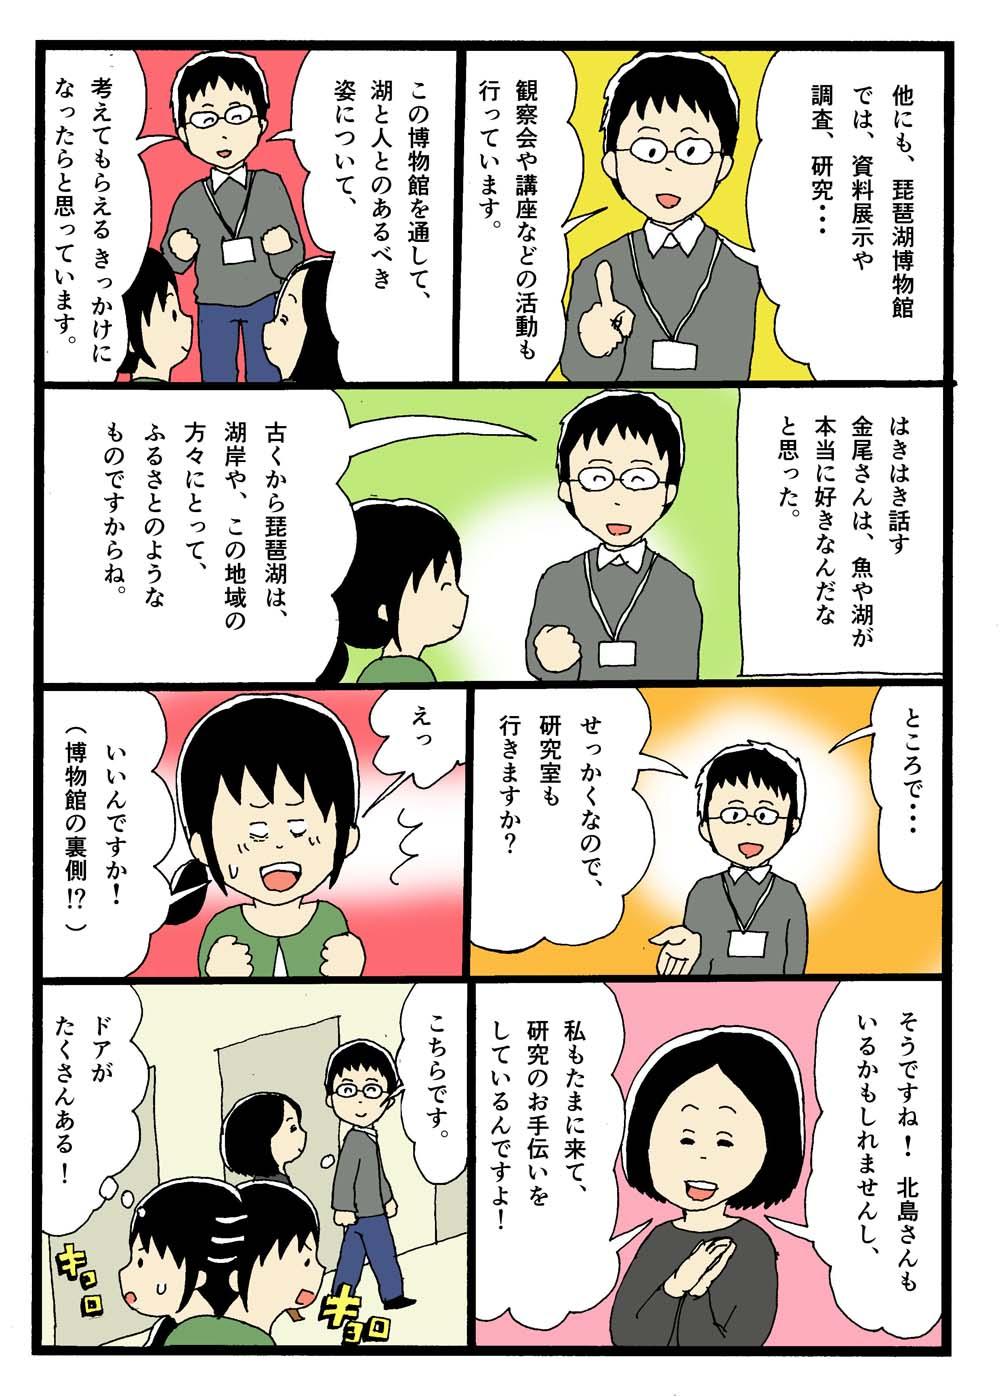 琵琶博まんが4-1